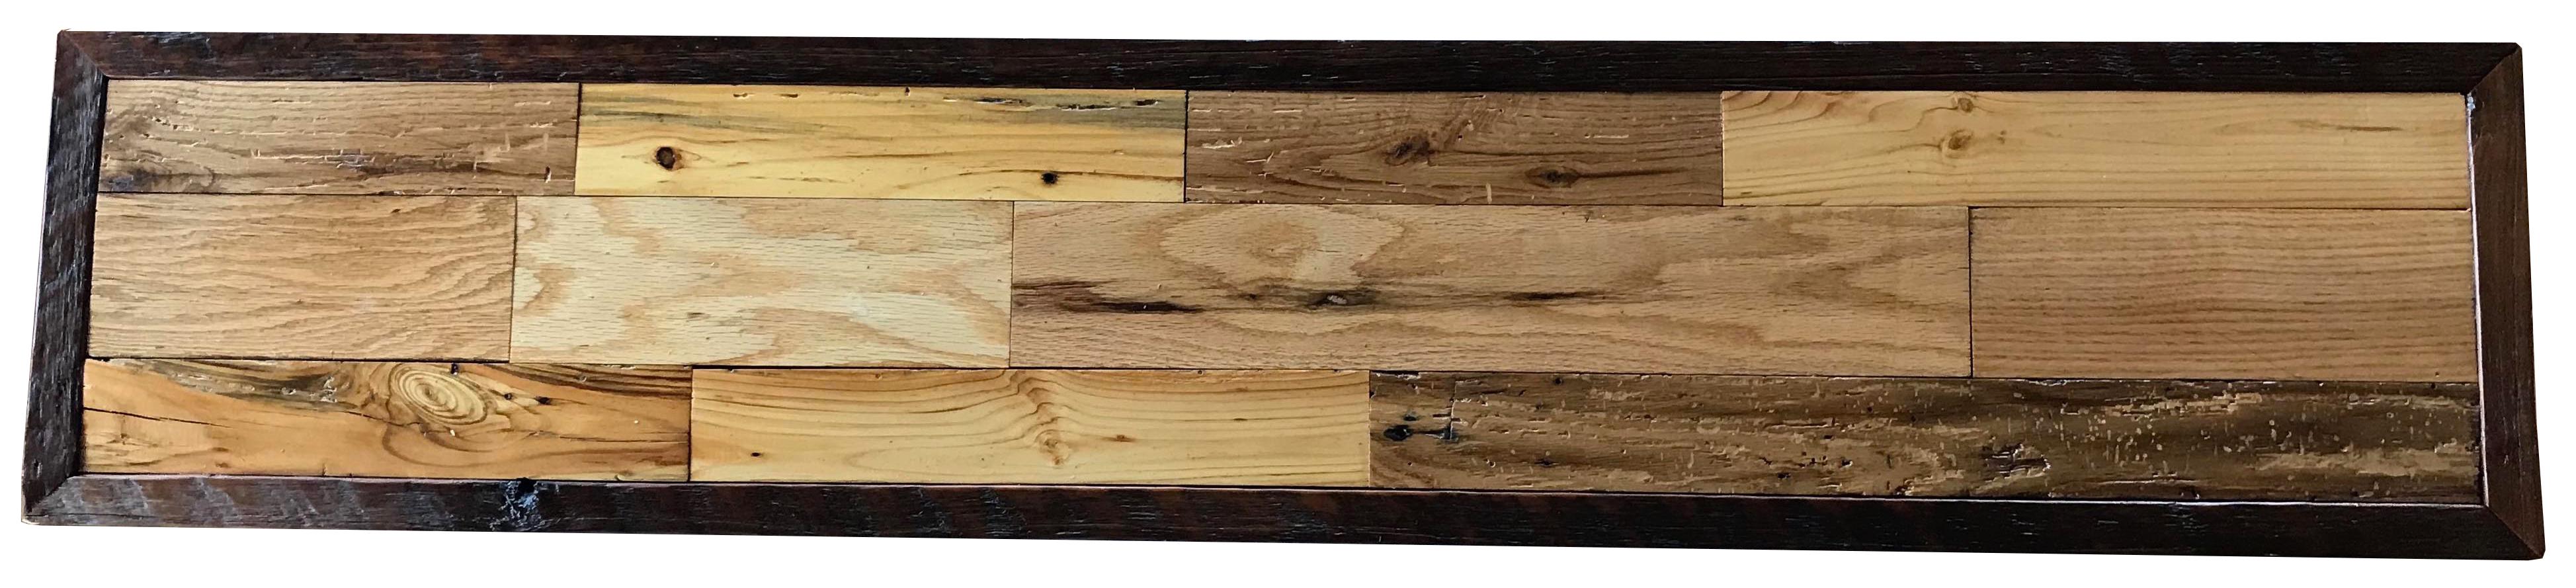 Coat Hook Board